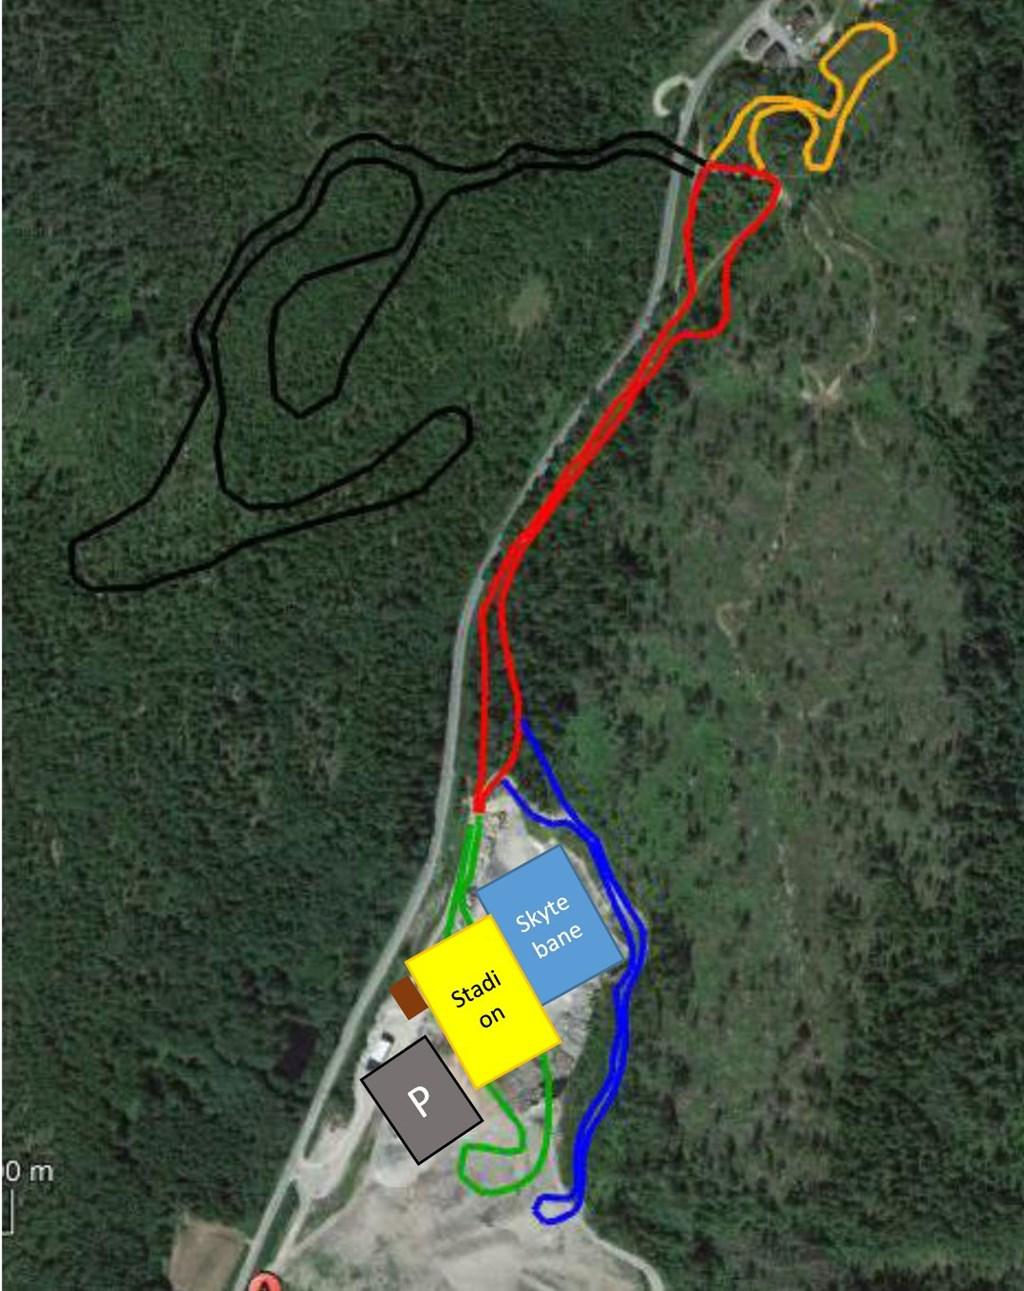 LØYPEKART: Slik ser man for seg løypenettet rundt forslaget ved skianlegget i Rambydalen. Det er løypedesigner i Norges skiforbund, John Aalberg som står for forslagene.